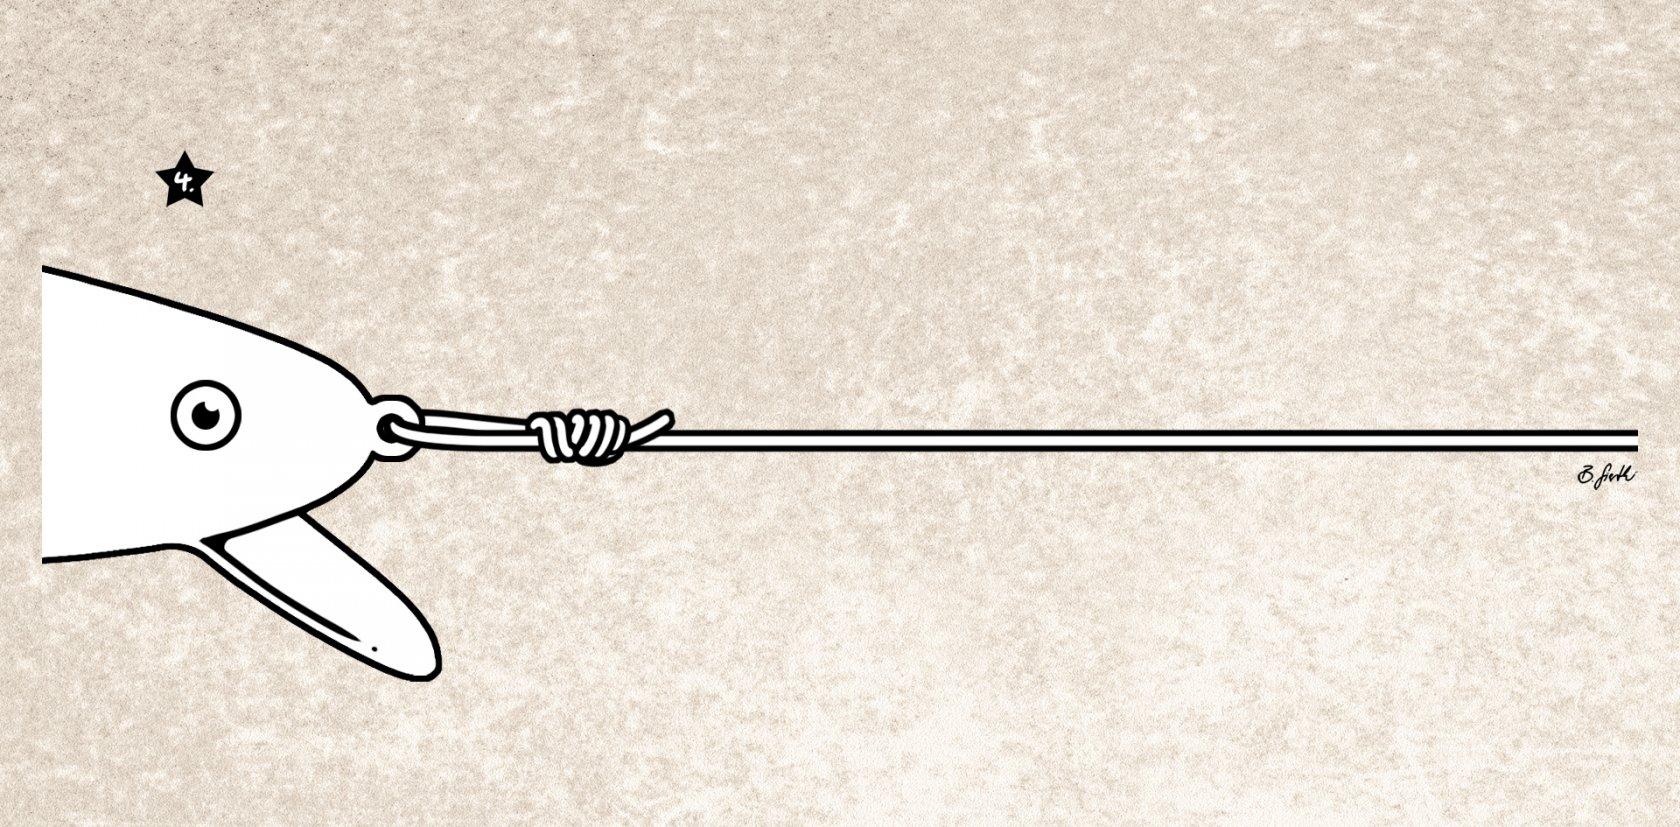 Die fertige Rapala-Schlaufe